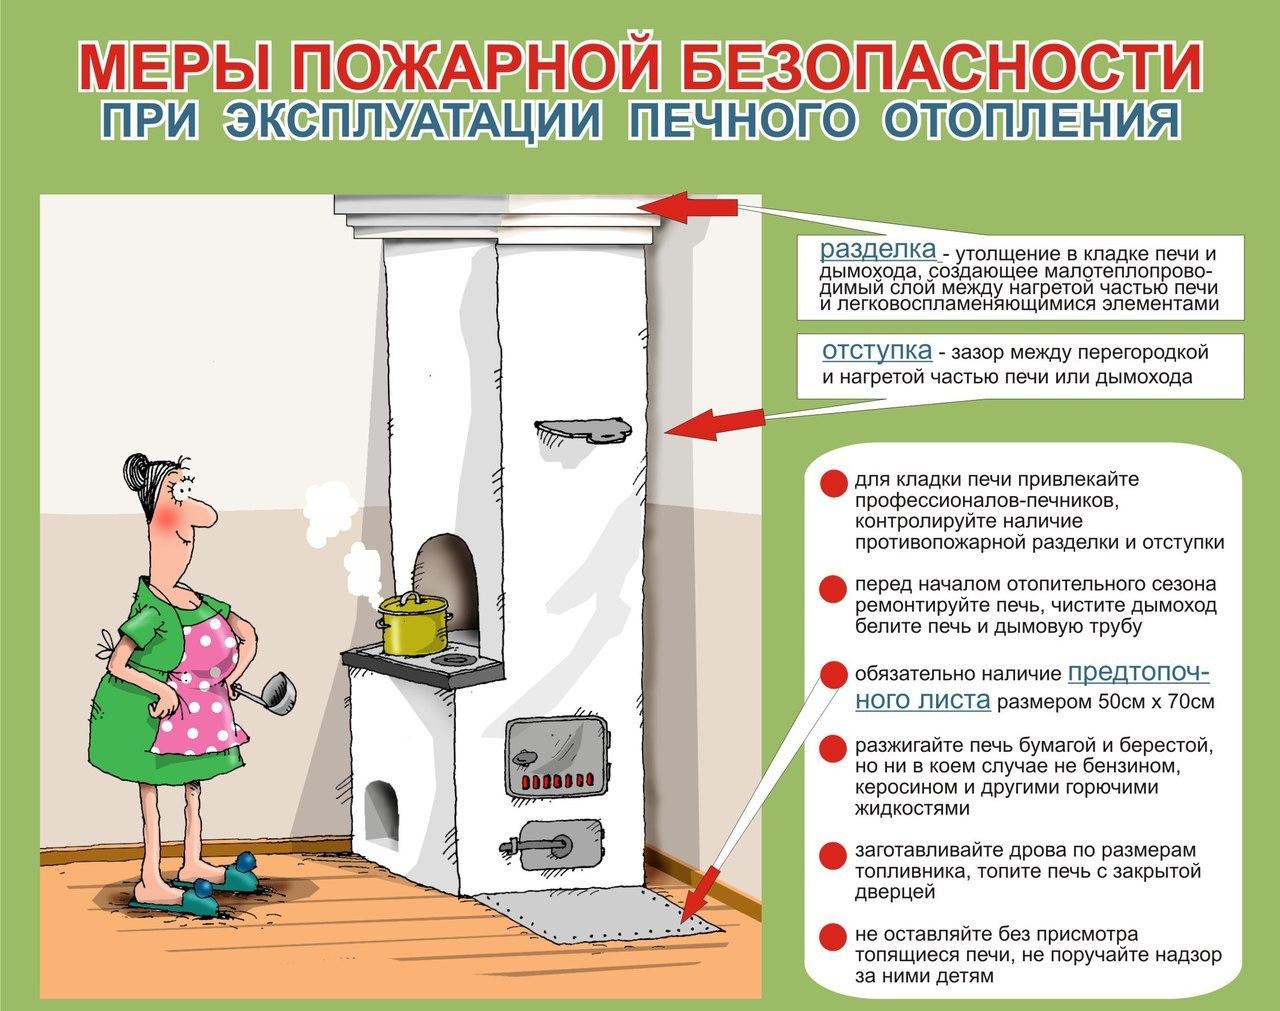 Можно ли отапливать дом газом из баллонов